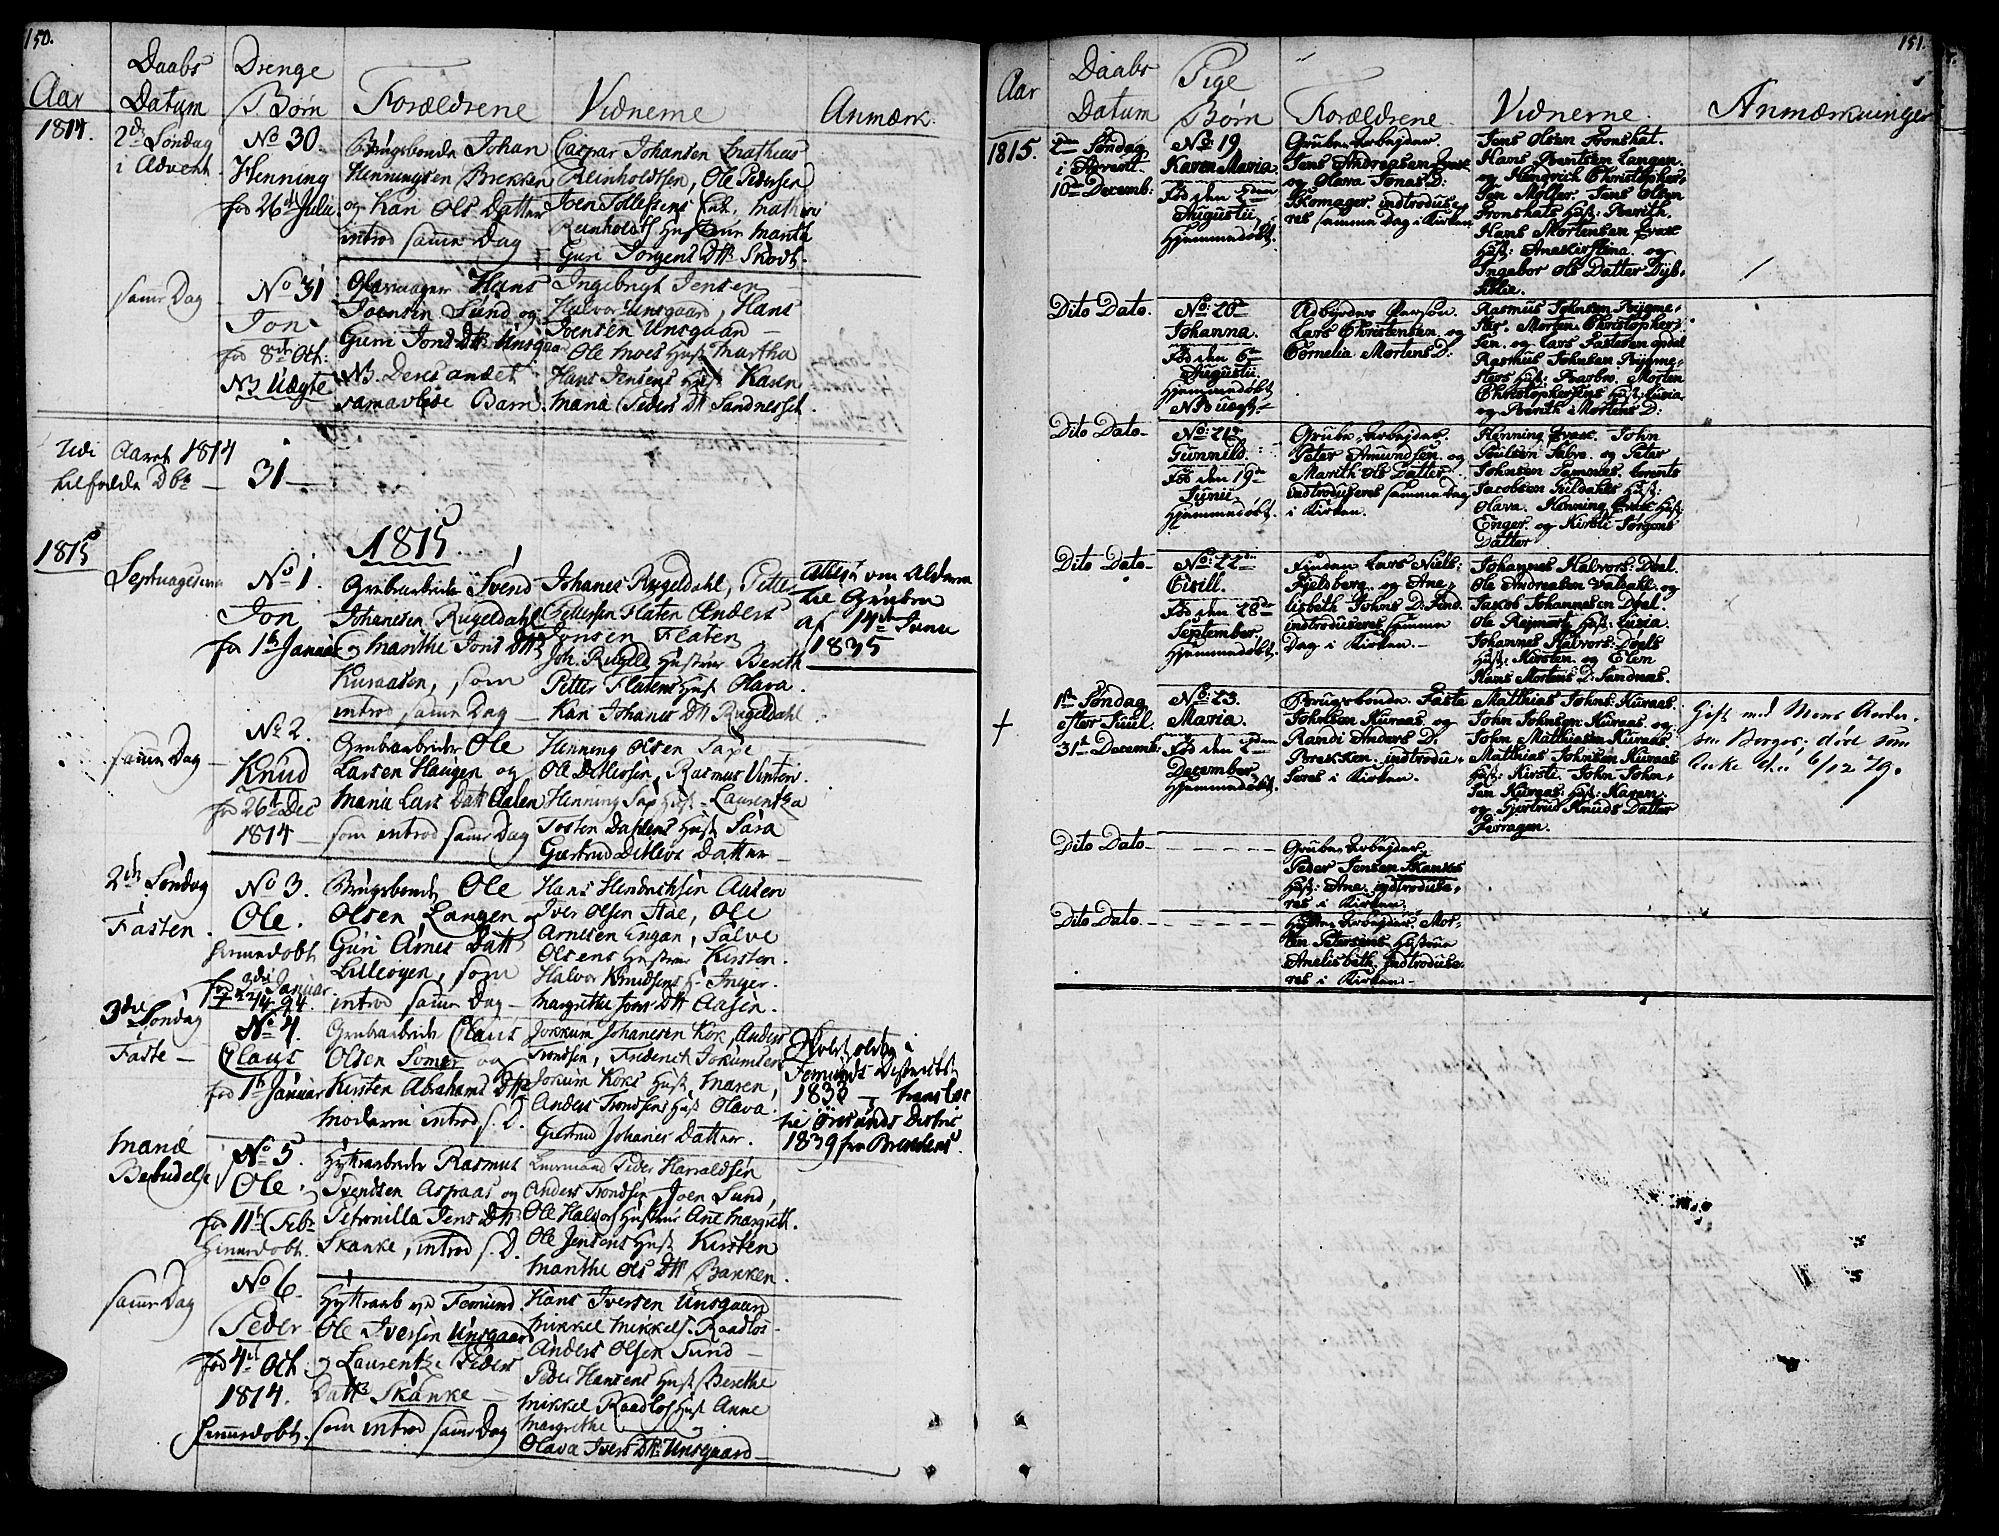 SAT, Ministerialprotokoller, klokkerbøker og fødselsregistre - Sør-Trøndelag, 681/L0928: Ministerialbok nr. 681A06, 1806-1816, s. 150-151